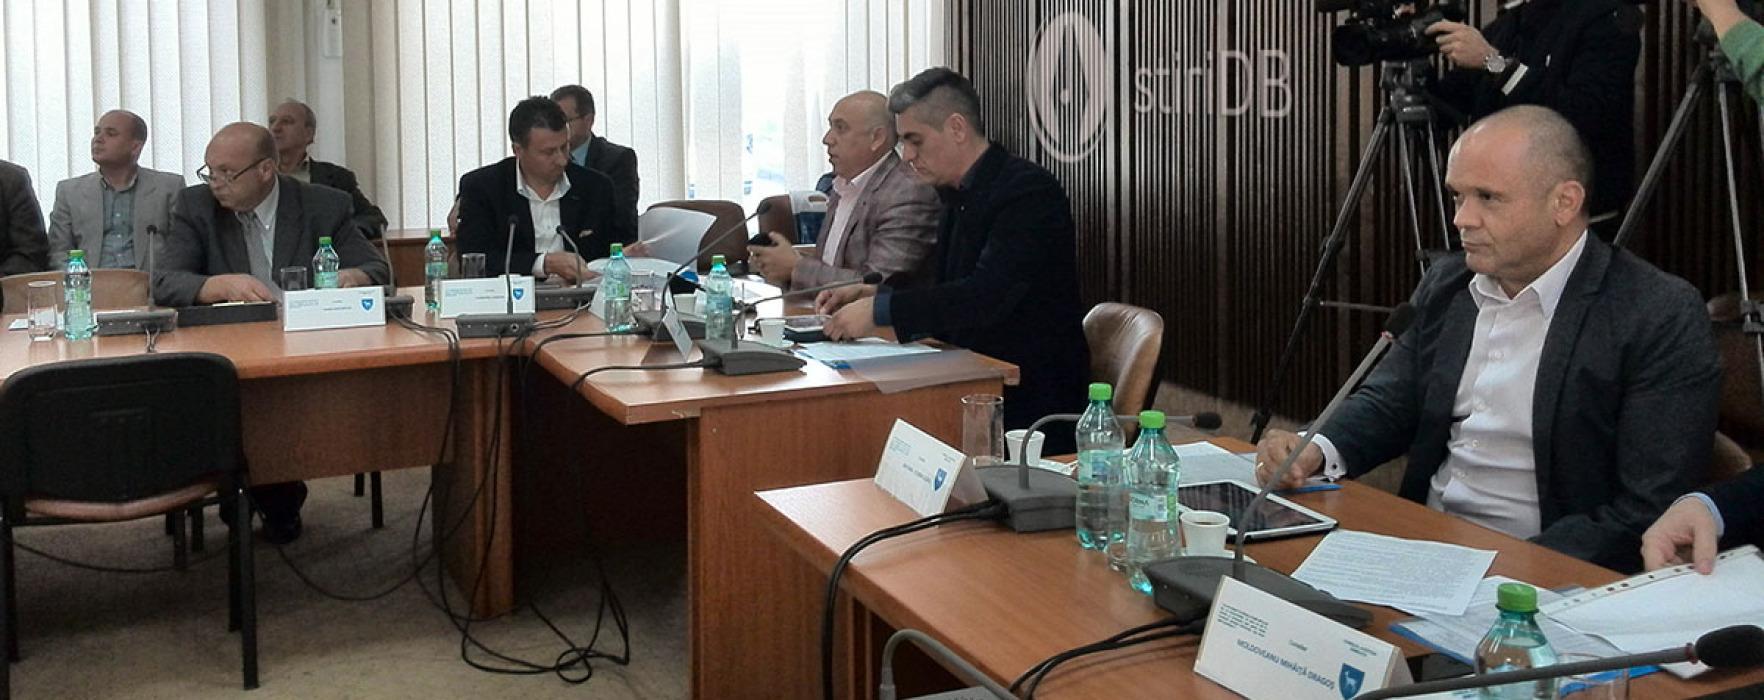 Independenţii, cei care contribuie la realizarea majorităţii în CJ Dâmboviţa